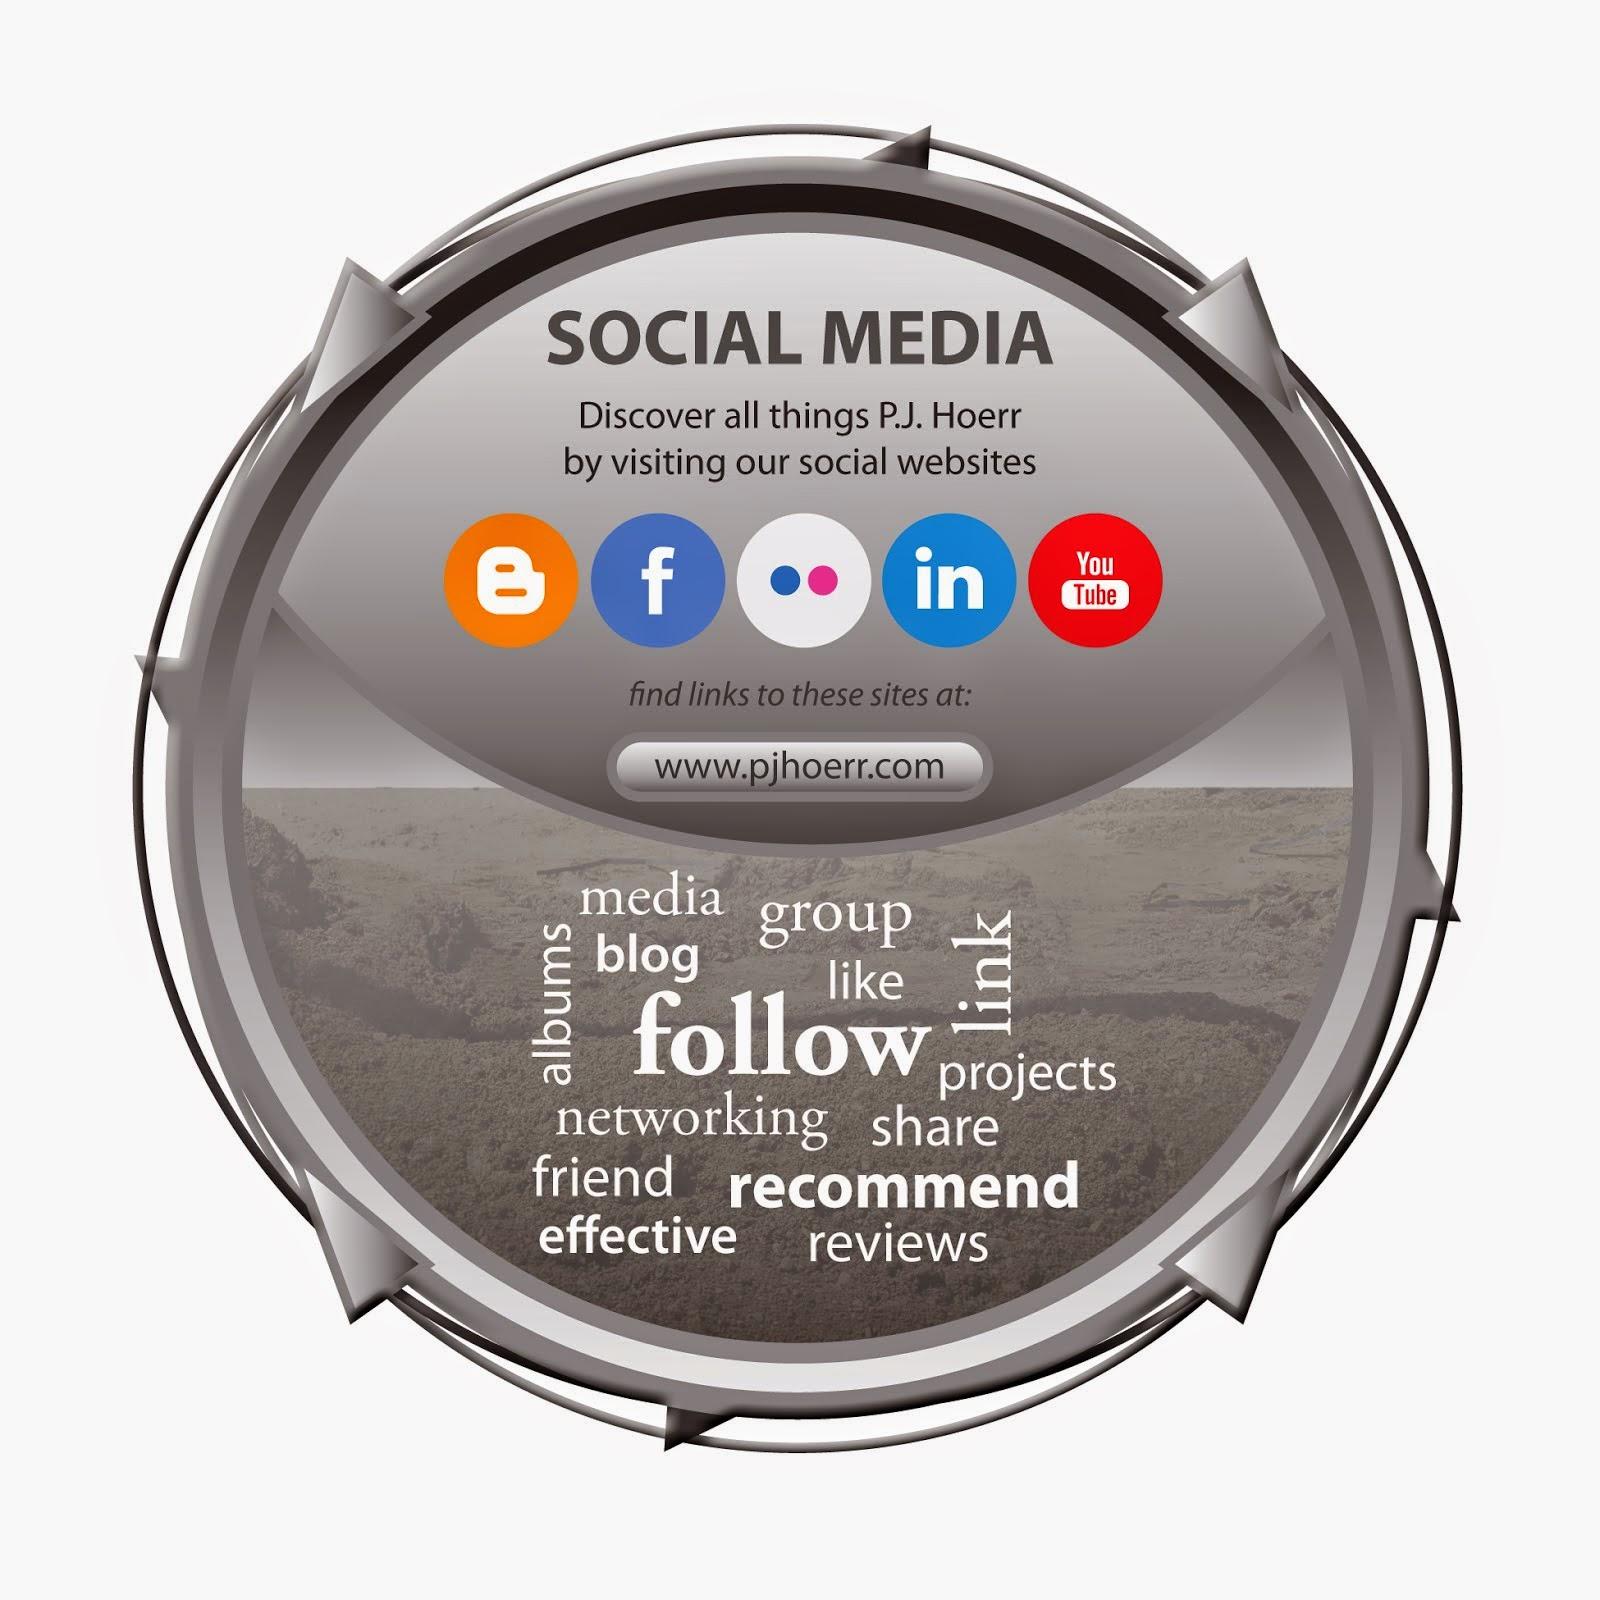 P.J. Hoerr Social Media